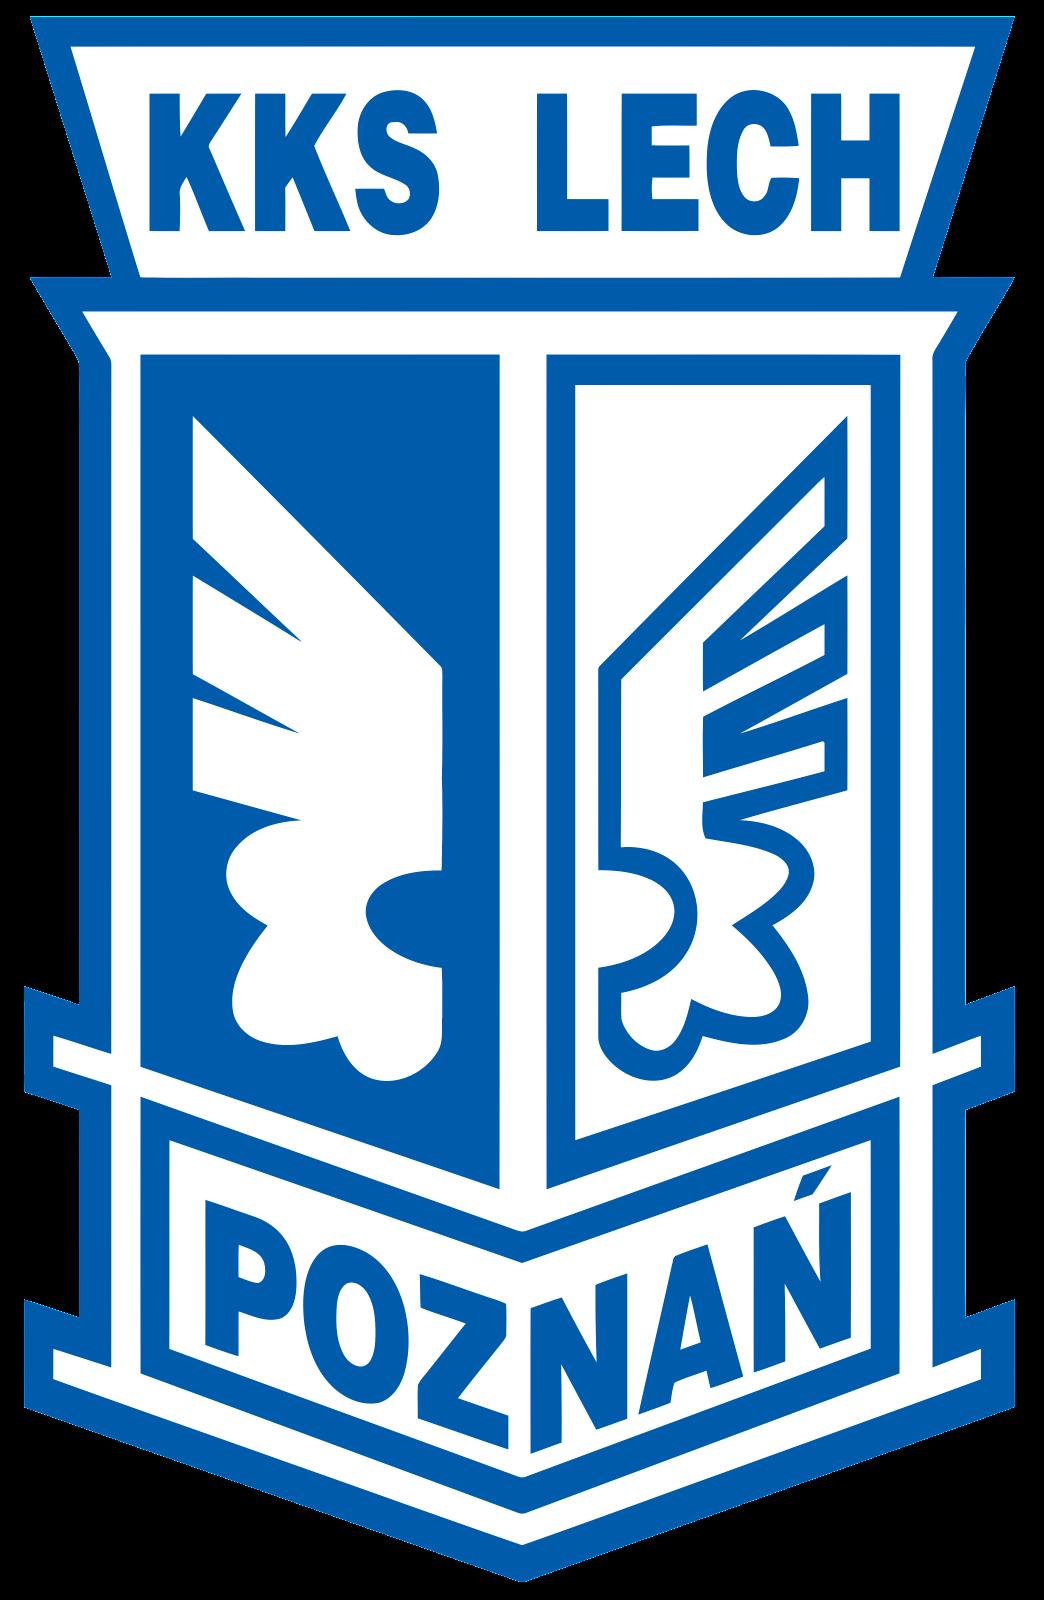 Desconhecidos Futebol Clube - Lech Poznan   FC Gols